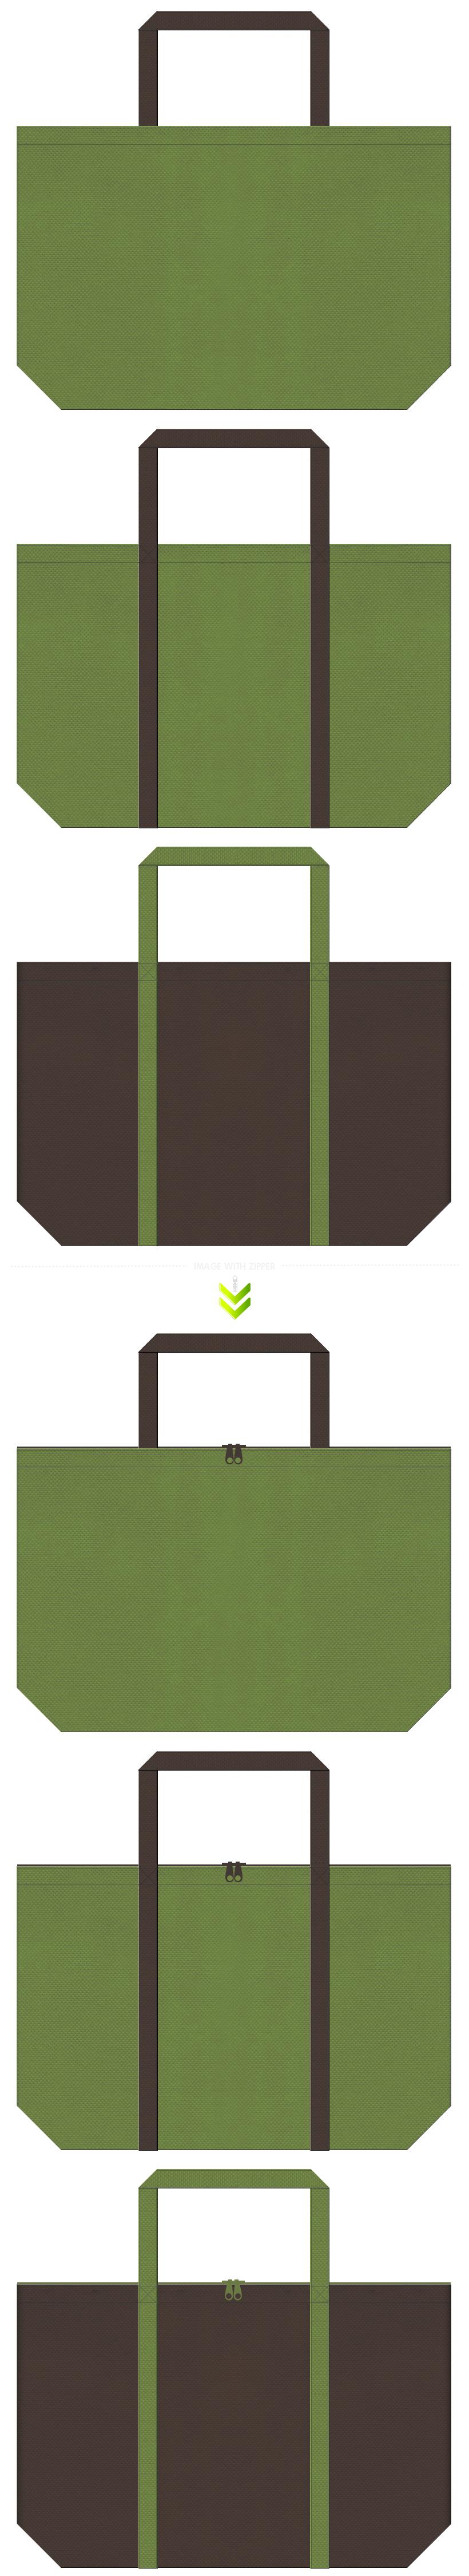 草色とこげ茶色の不織布エコバッグのデザイン。お城イベントのノベルティにお奨めです。